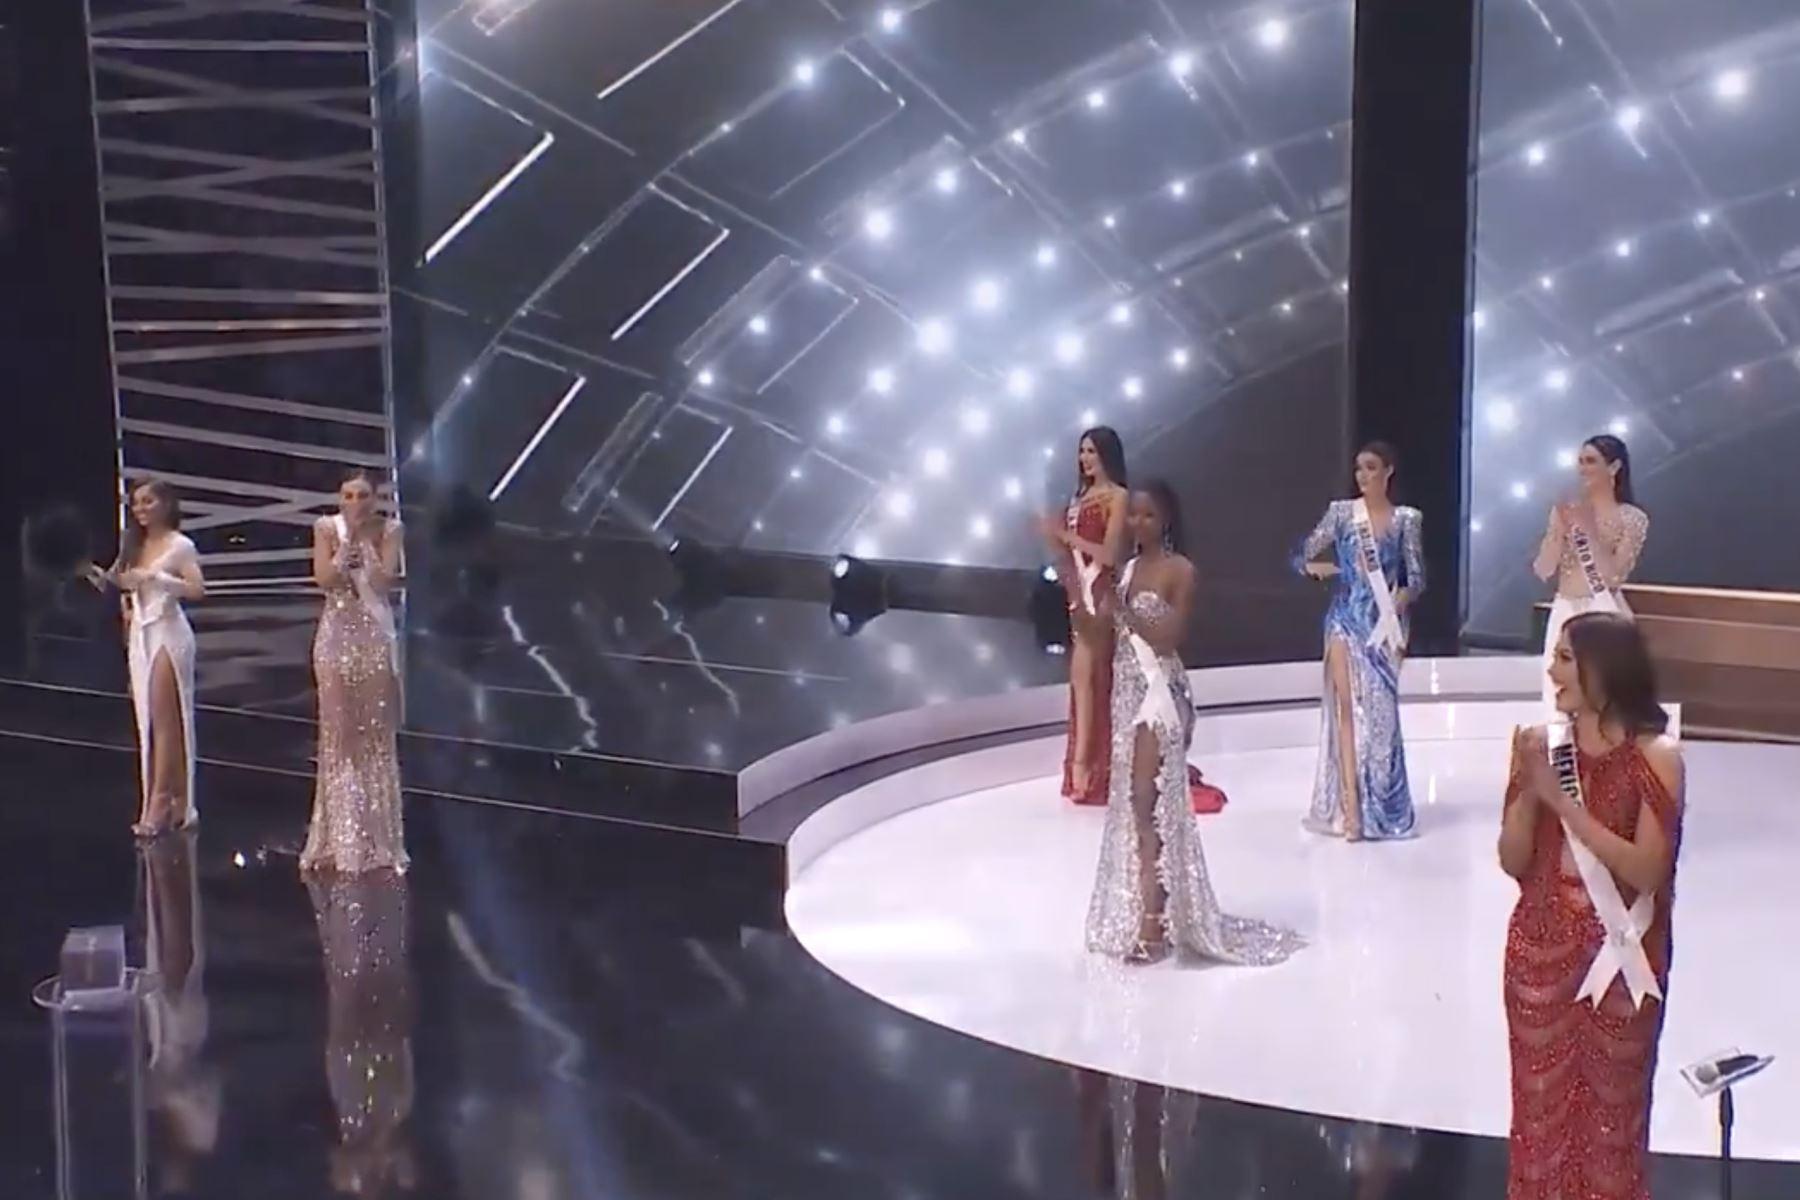 Miss Universo Perú Janick Maceta Del Castillo aparece en el escenario de Miss Universe 2021 - National Costume Show en Seminole Hard Rock Hotel & Casino en Hollywood, Florida. Foto: ANDINA/Difusión